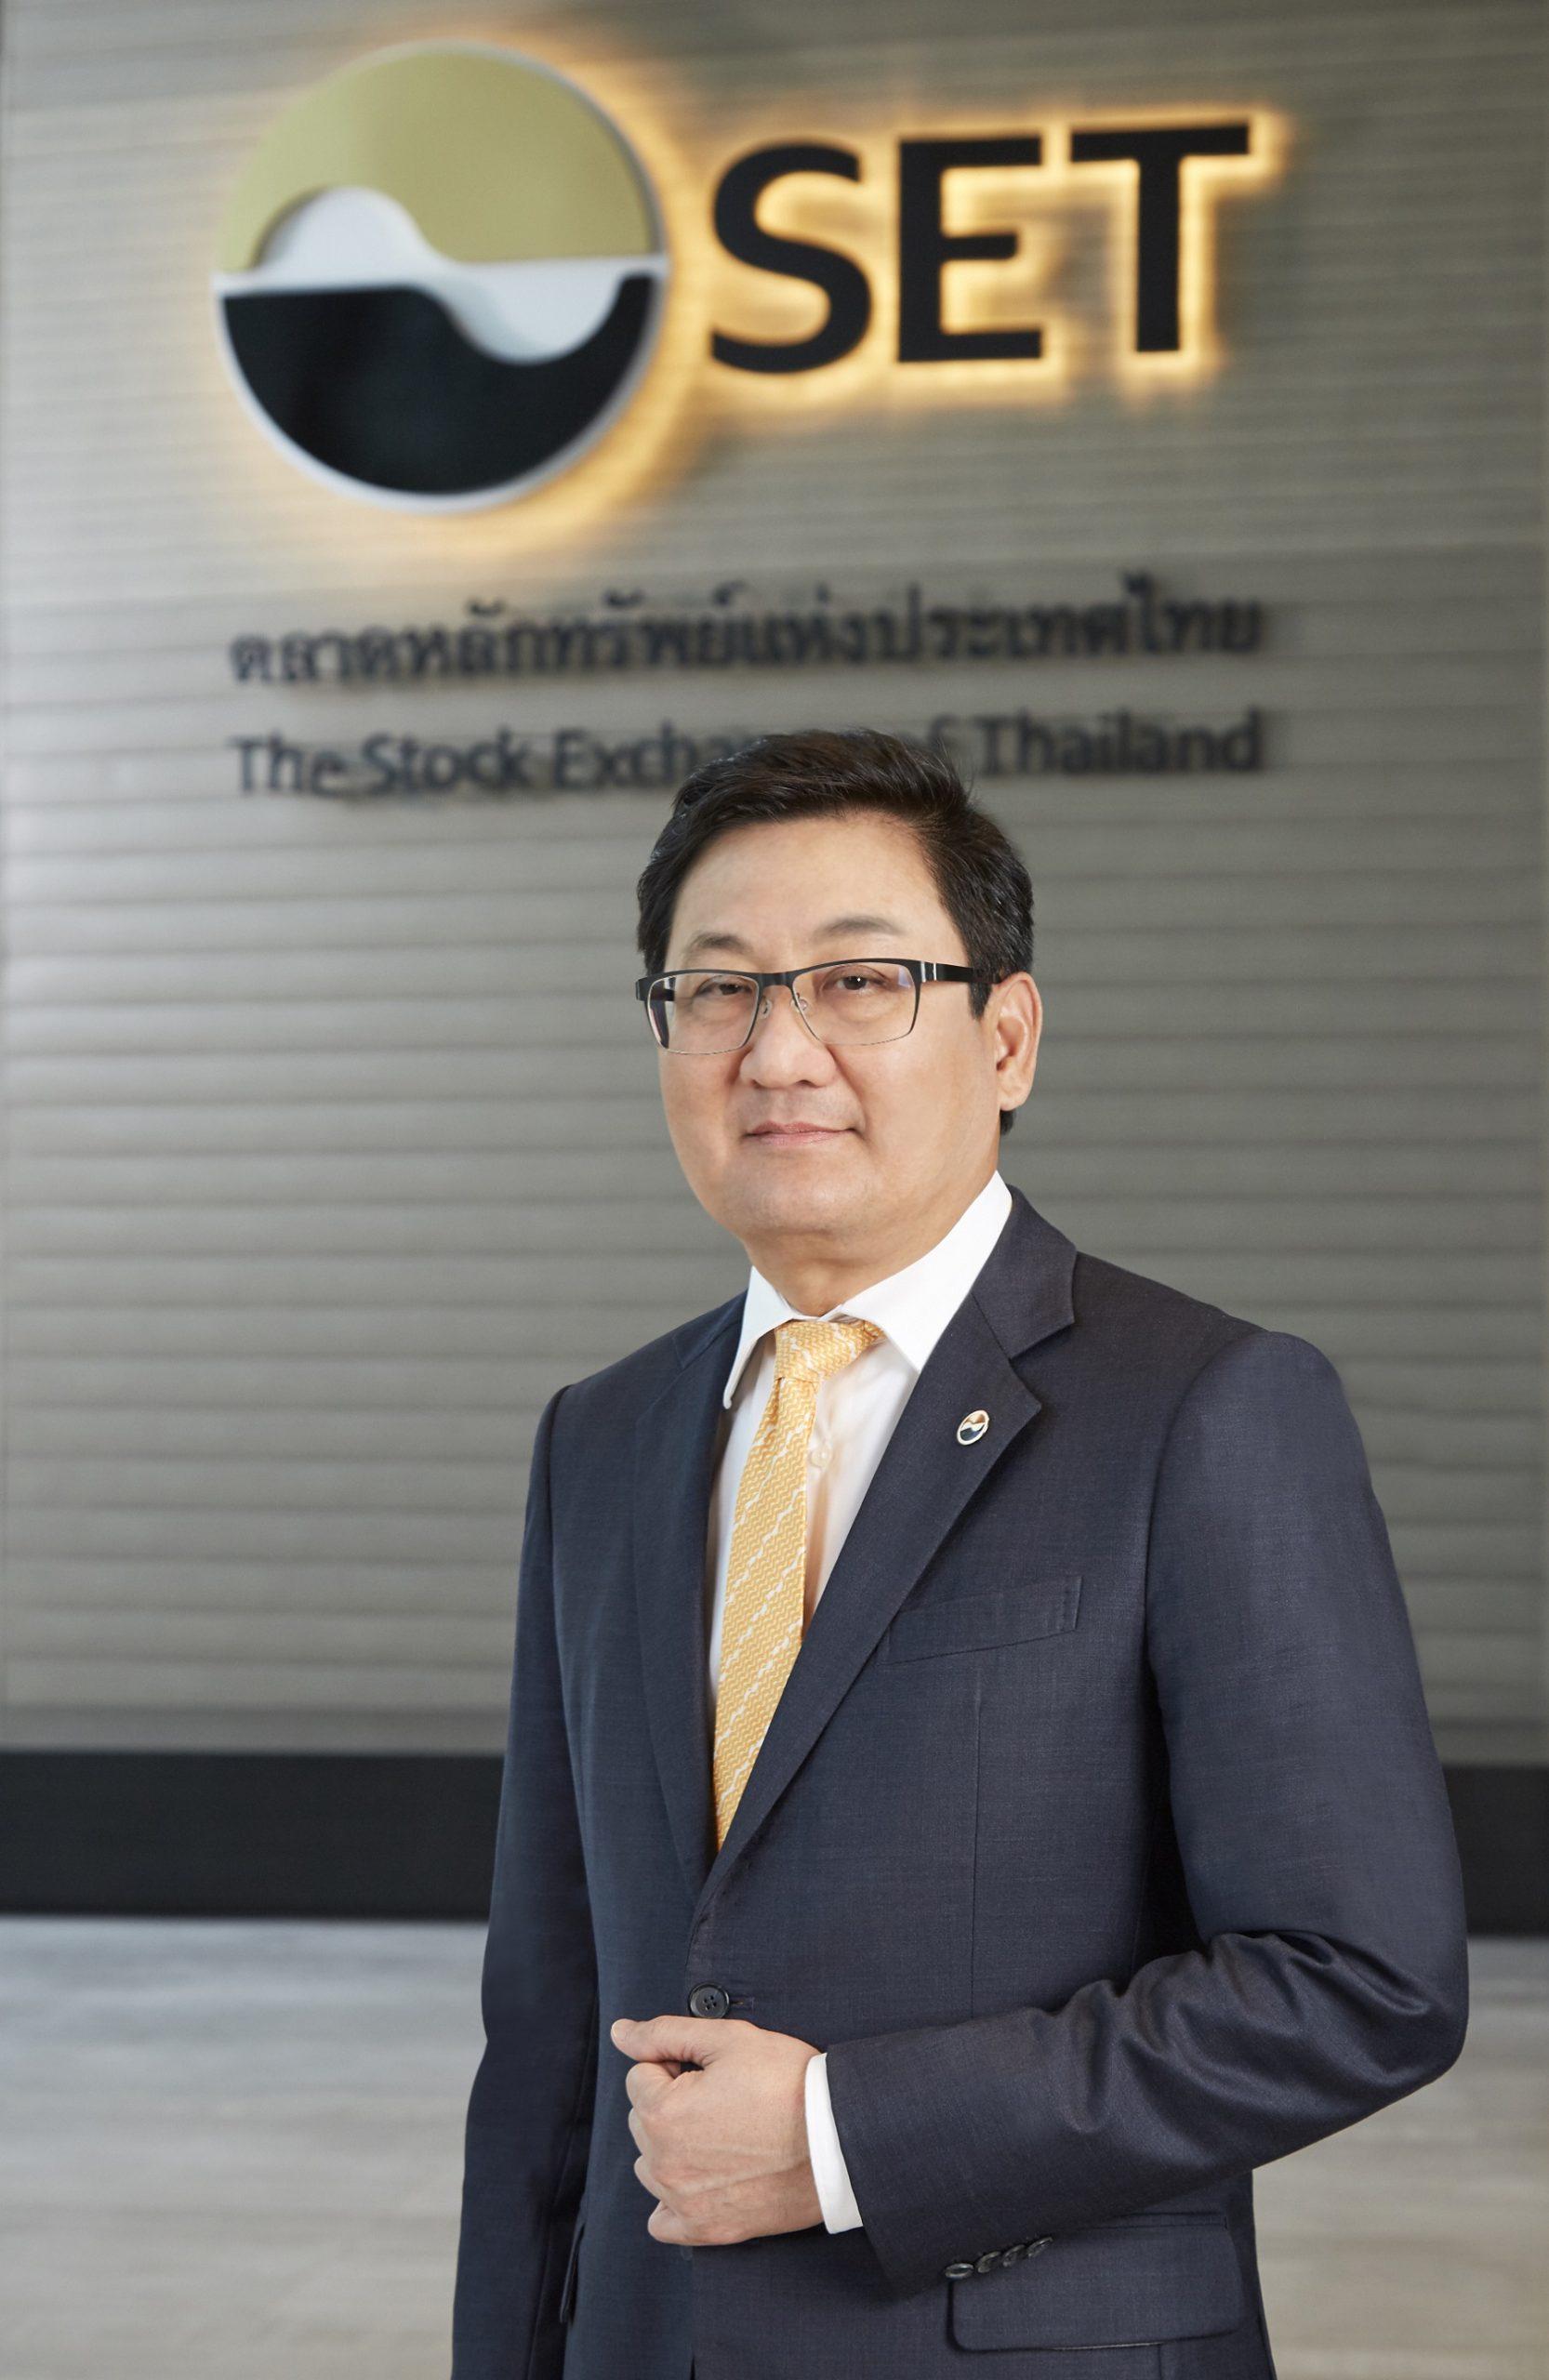 ตลาดหลักทรัพย์ฯ ยกระดับ LiVE Platform พัฒนาศักยภาพ SMEs และ Startups ขยายโอกาสเข้าถึงแหล่งทุน เสริมกำลังขับเคลื่อนเศรษฐกิจไทย